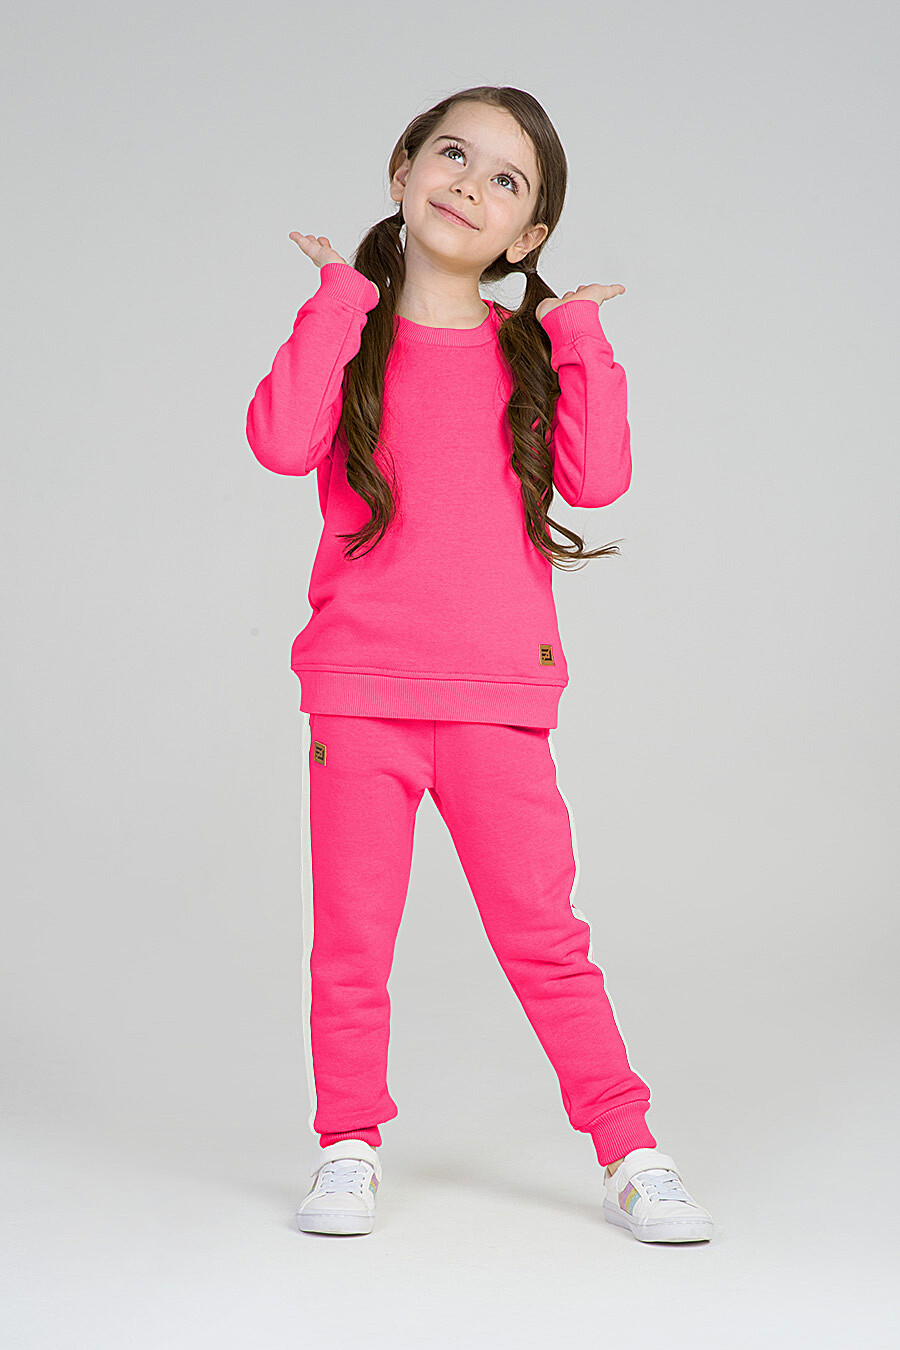 Свитшот для девочек EZANNA 668006 купить оптом от производителя. Совместная покупка детской одежды в OptMoyo